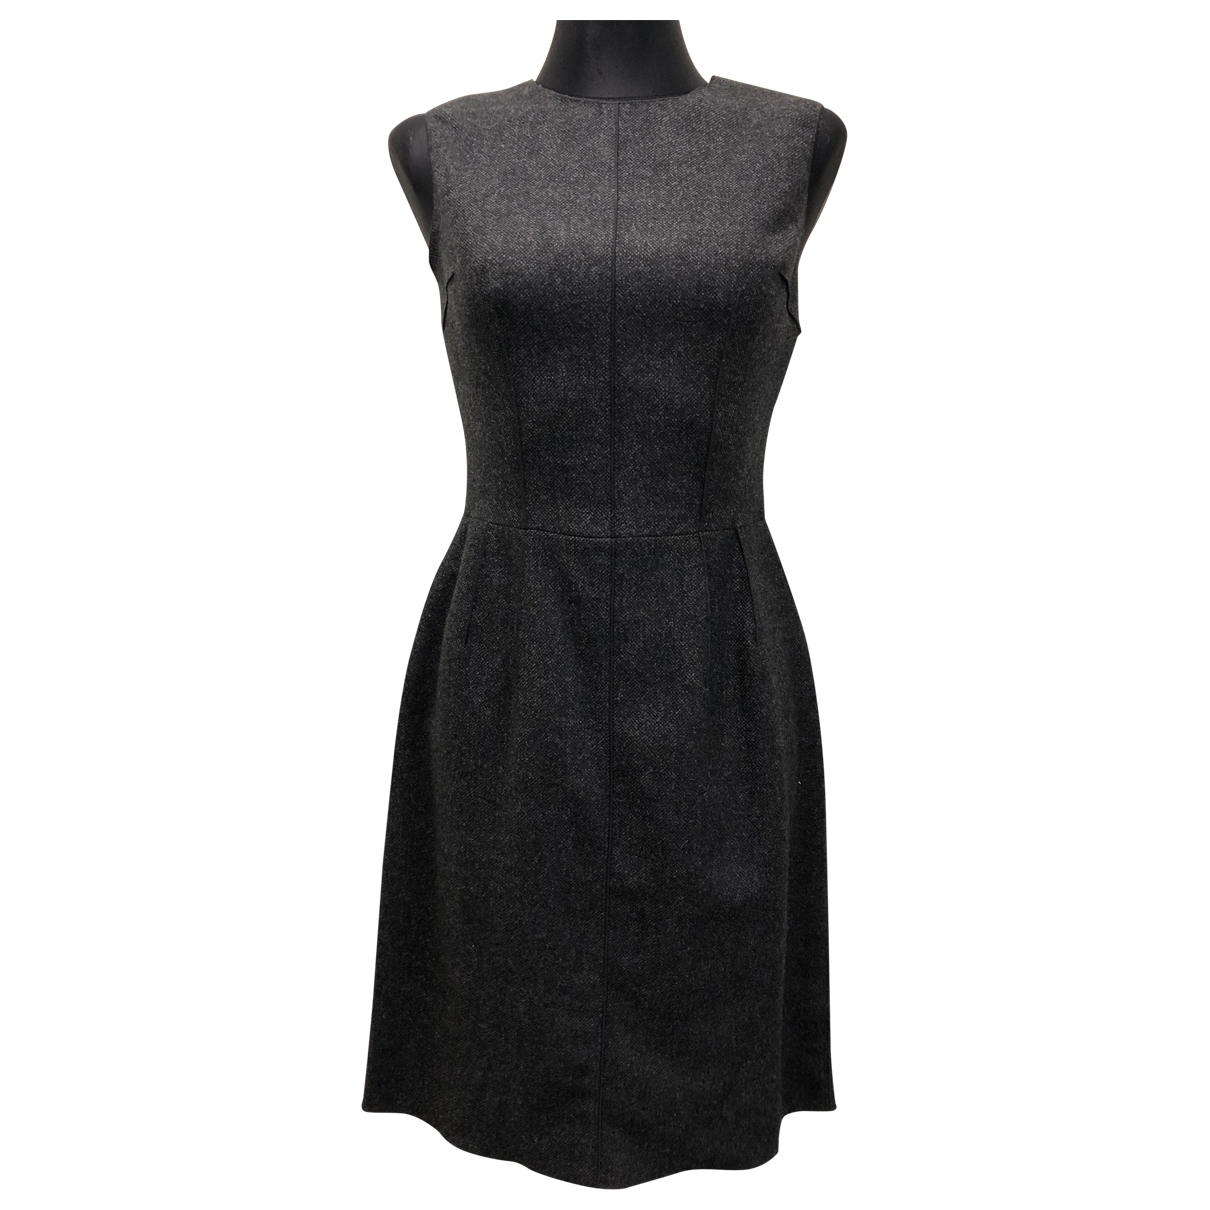 Dolce & Gabbana \N Kleid in  Anthrazit Wolle